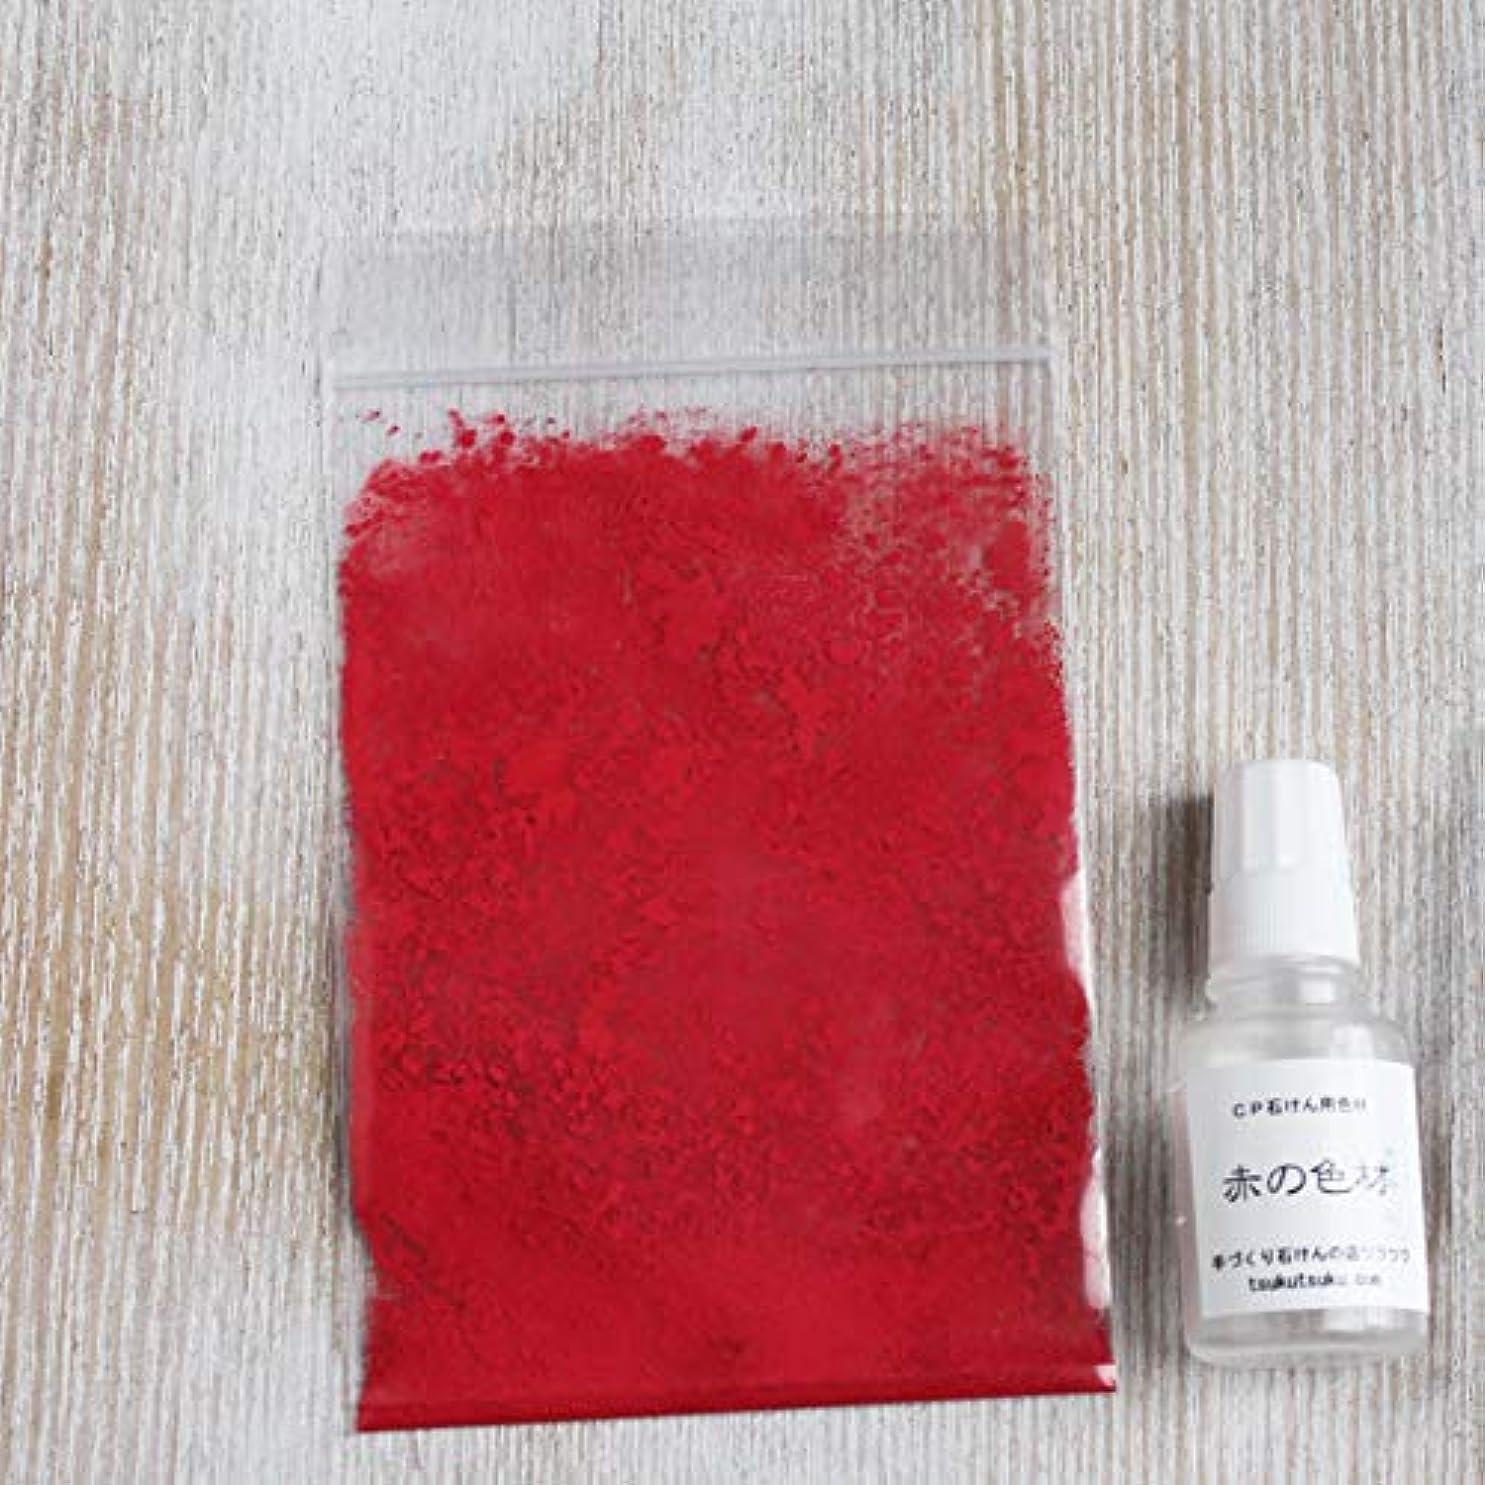 広まったパズル含むCP石けん用色材 赤の色材キット/手作り石けん?手作り化粧品材料